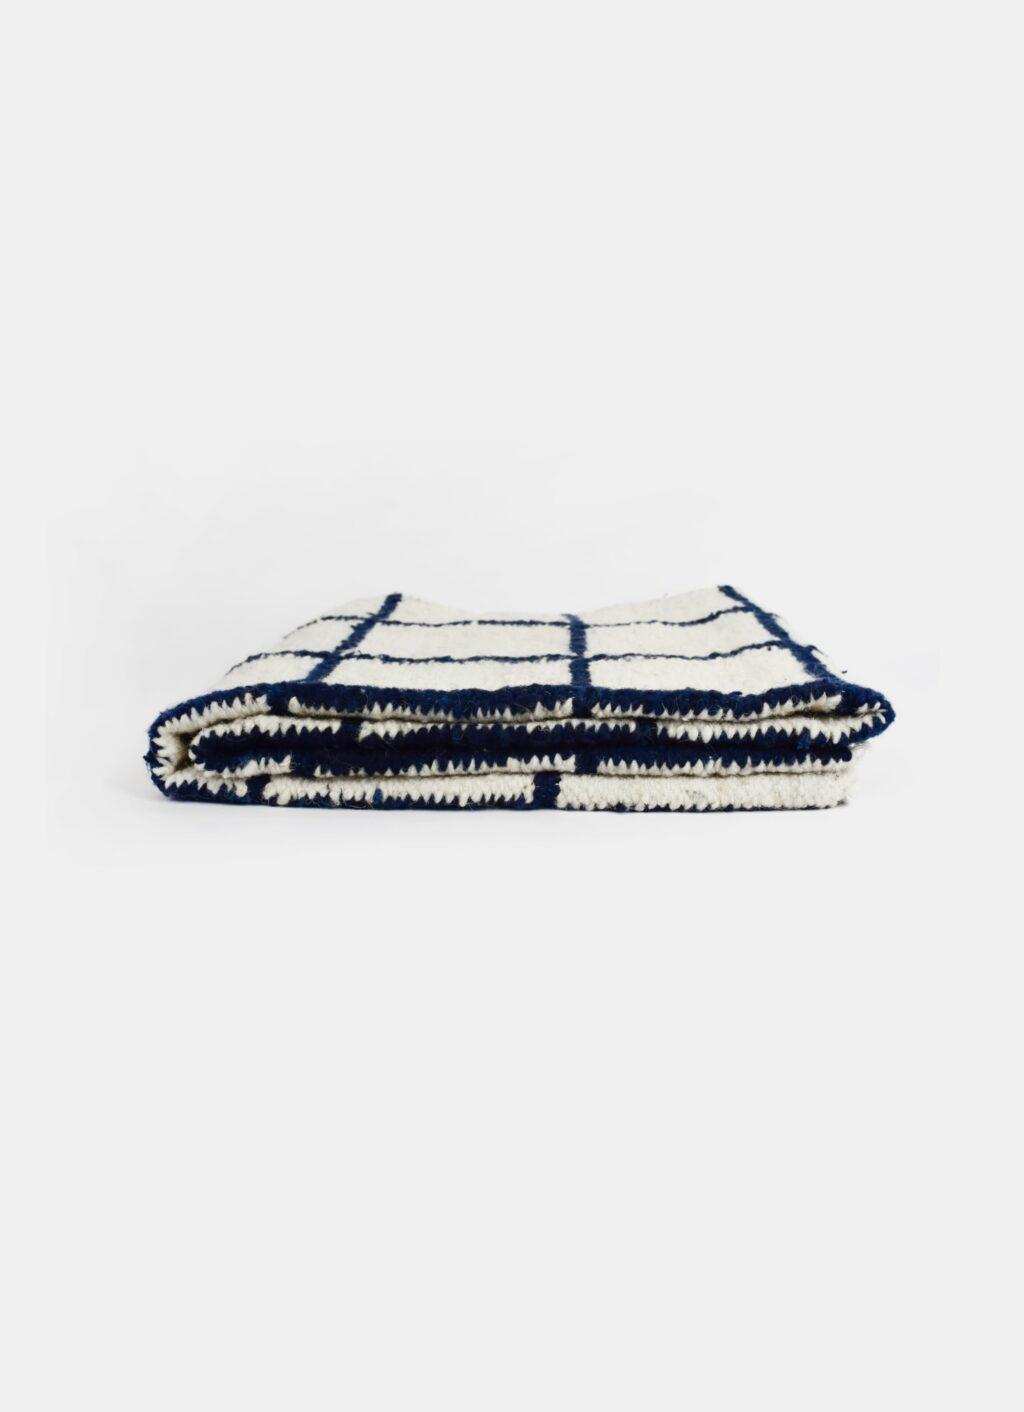 Que onda vos - Handwoven rug - La Mapa - 85x140cm